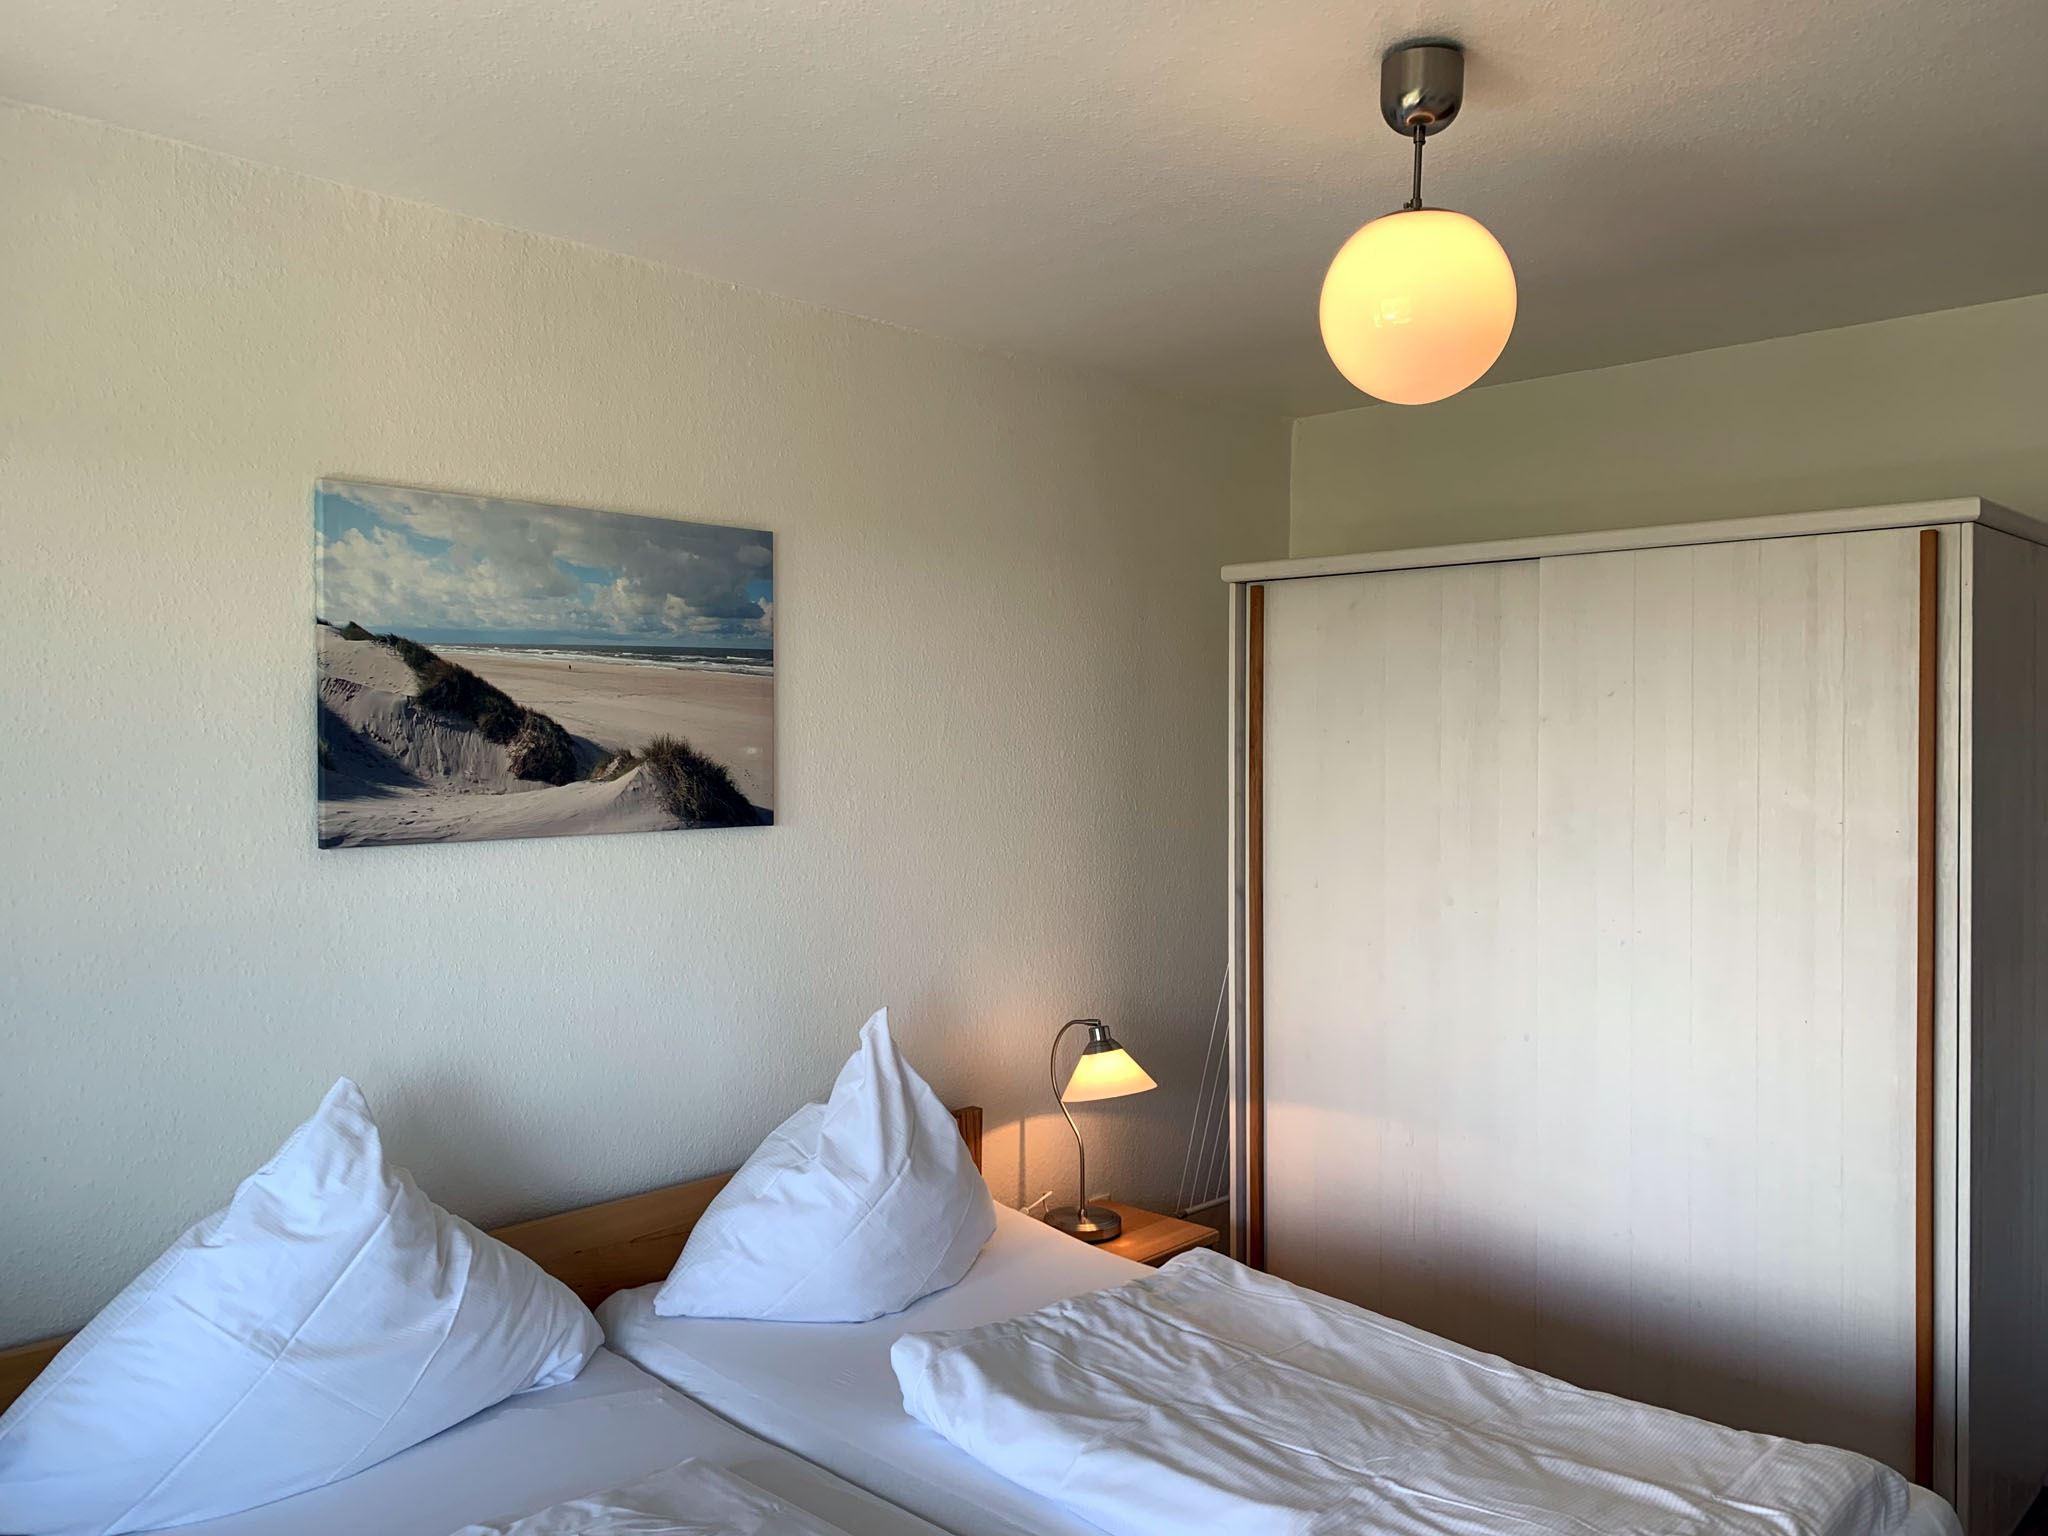 St. Peter-Ording Strandnähe: helle, freundliche Ferienwohnung im Obergeschoss mit  Südloggia für 2-3 Personen, ruhig und strandnah Luna III Nr. 23